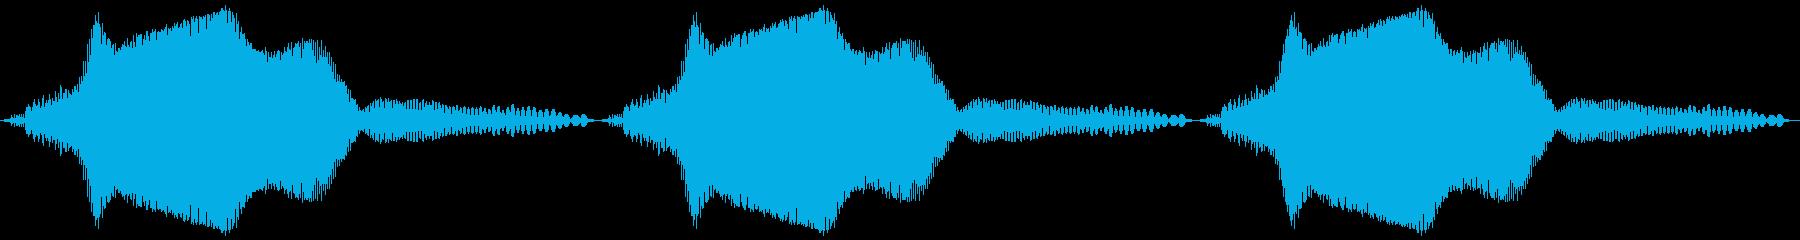 バイブ スマホ ブゥン×3の再生済みの波形